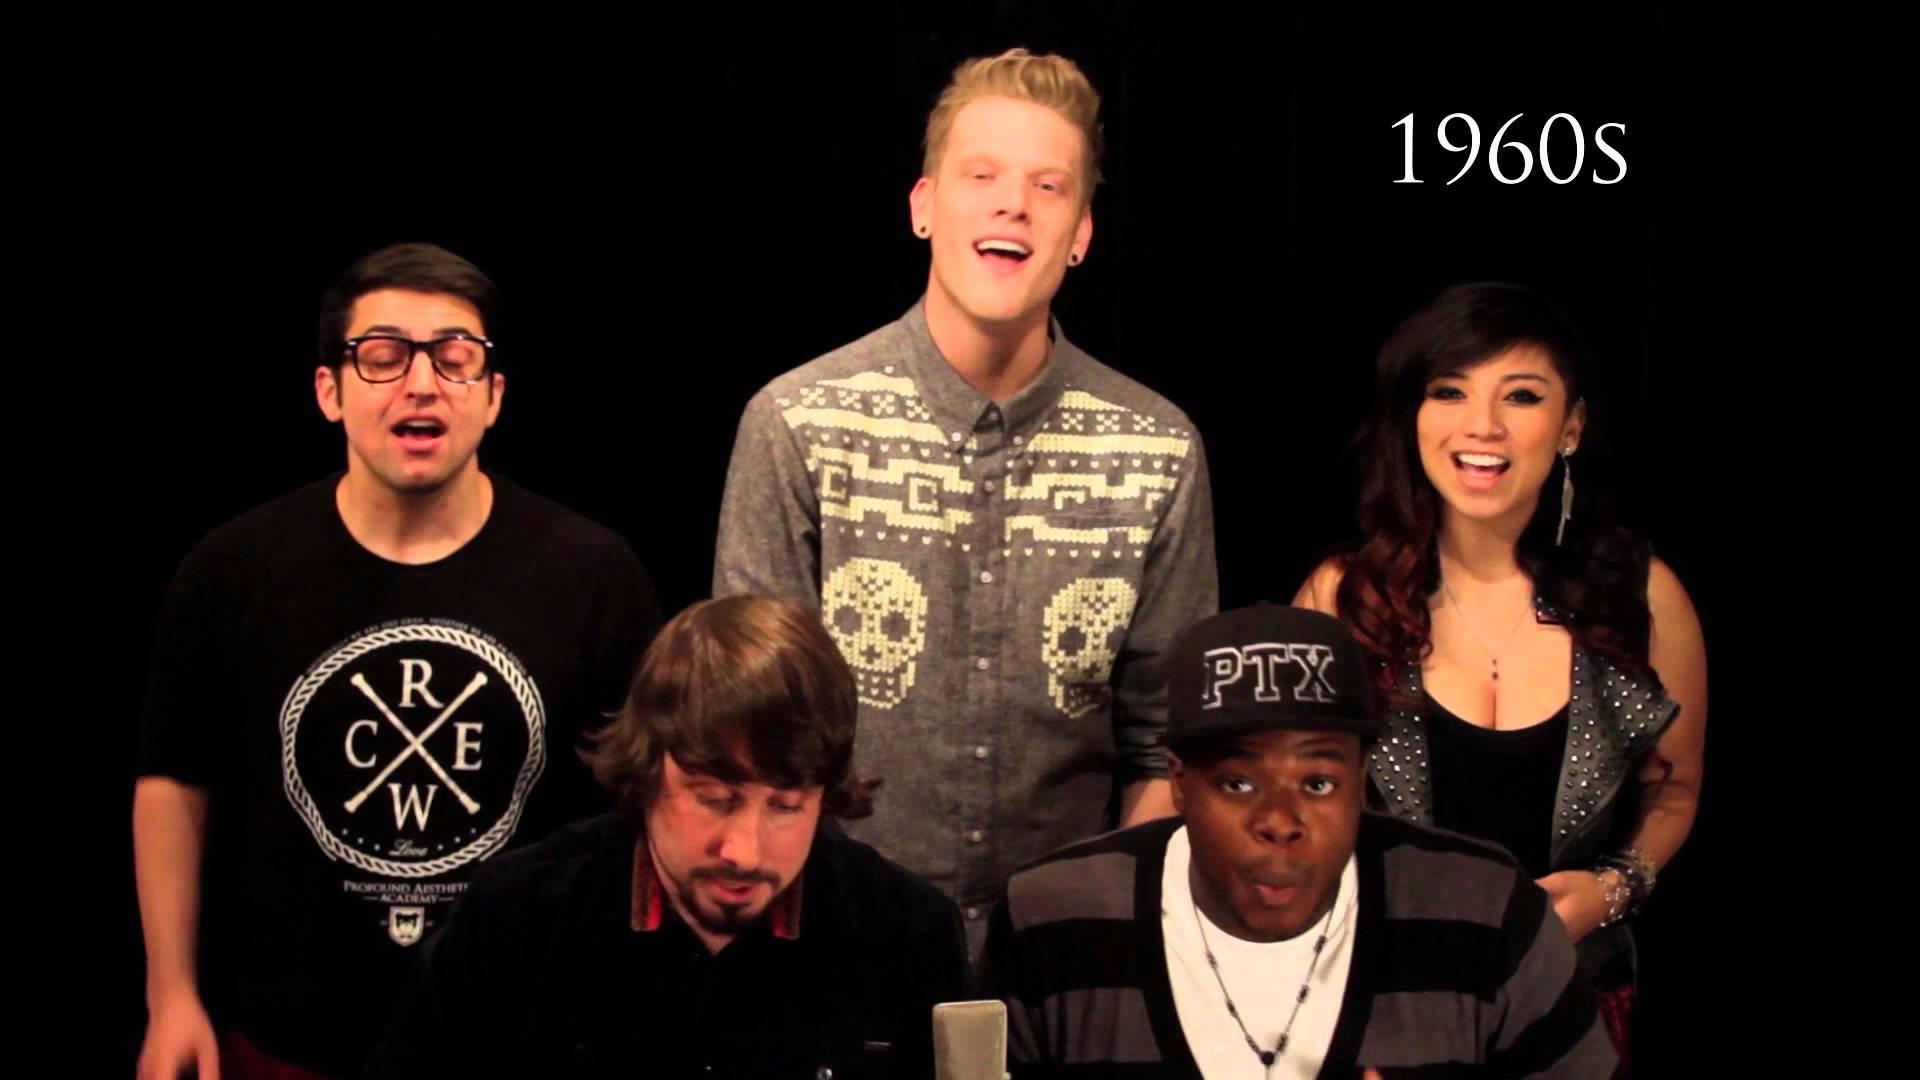 Istoria muzicii în 4 minute